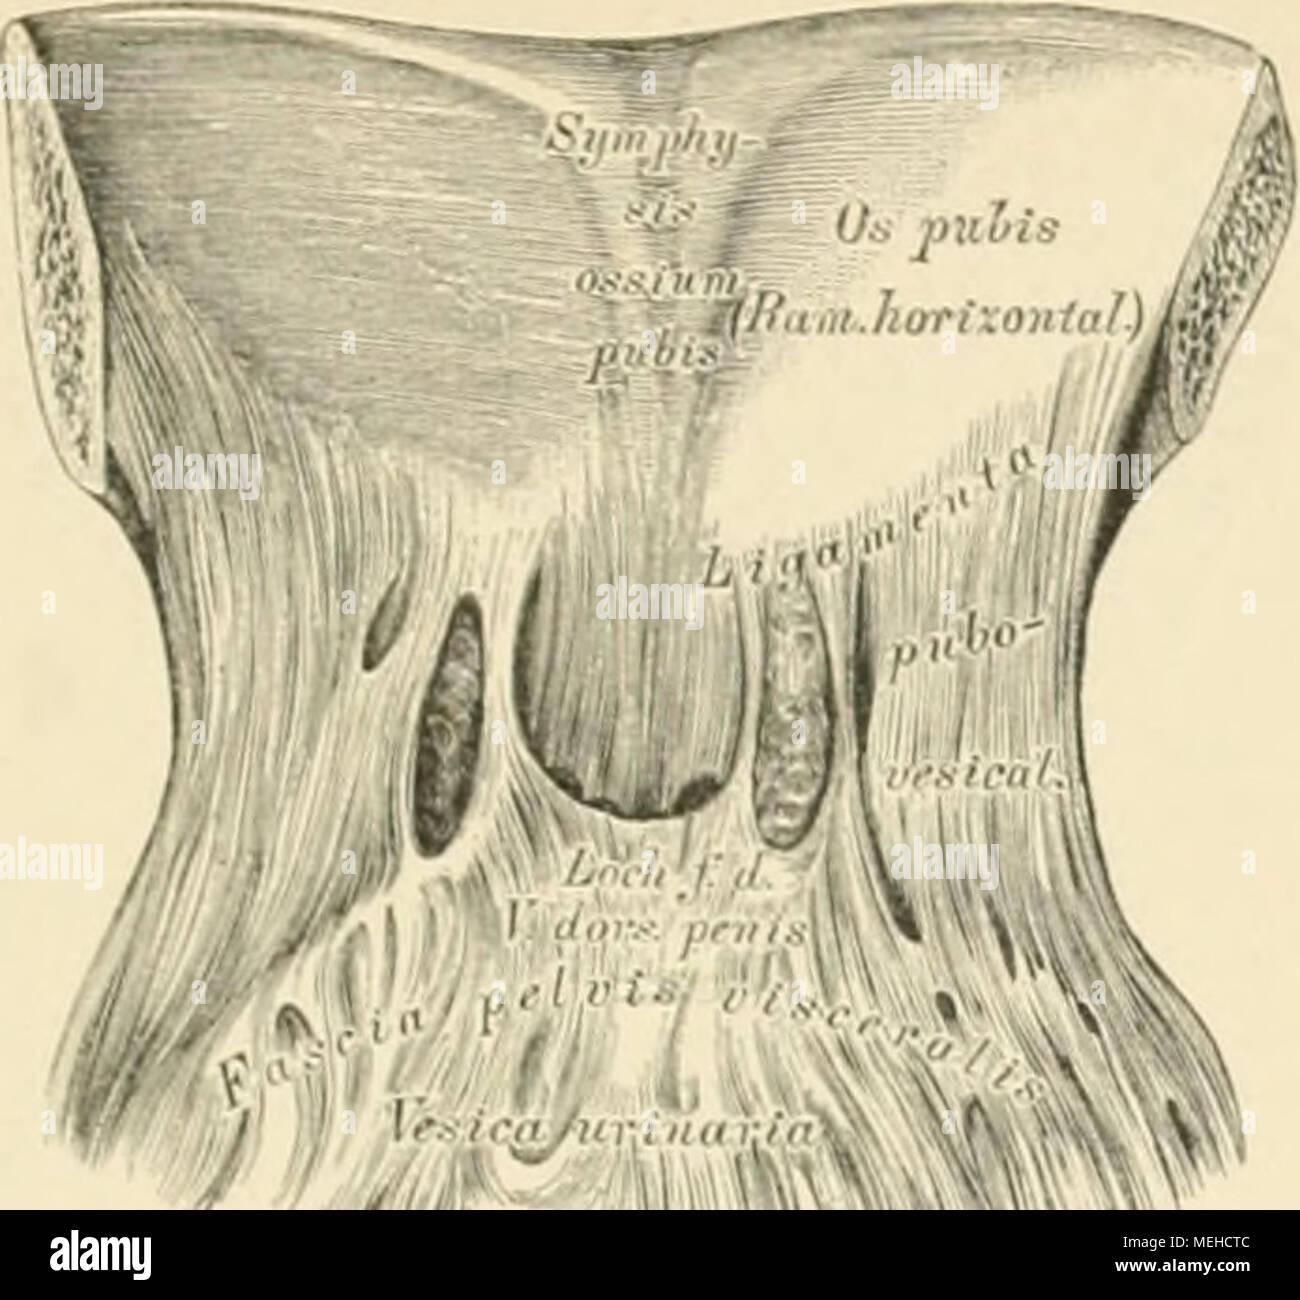 Berühmt Ati Anatomie Und Physiologie Fotos - Menschliche Anatomie ...